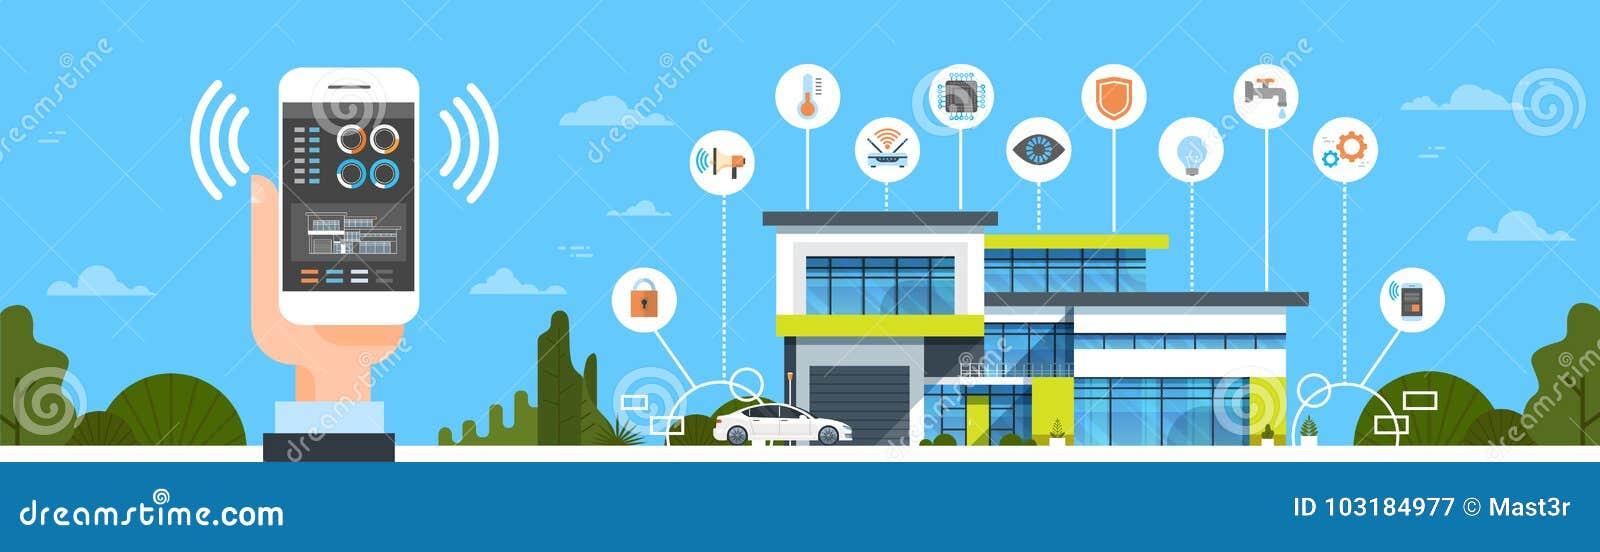 Mano que sostiene Smartphone con la bandera horizontal de sistema casero de control del interfaz de la casa del concepto moderno